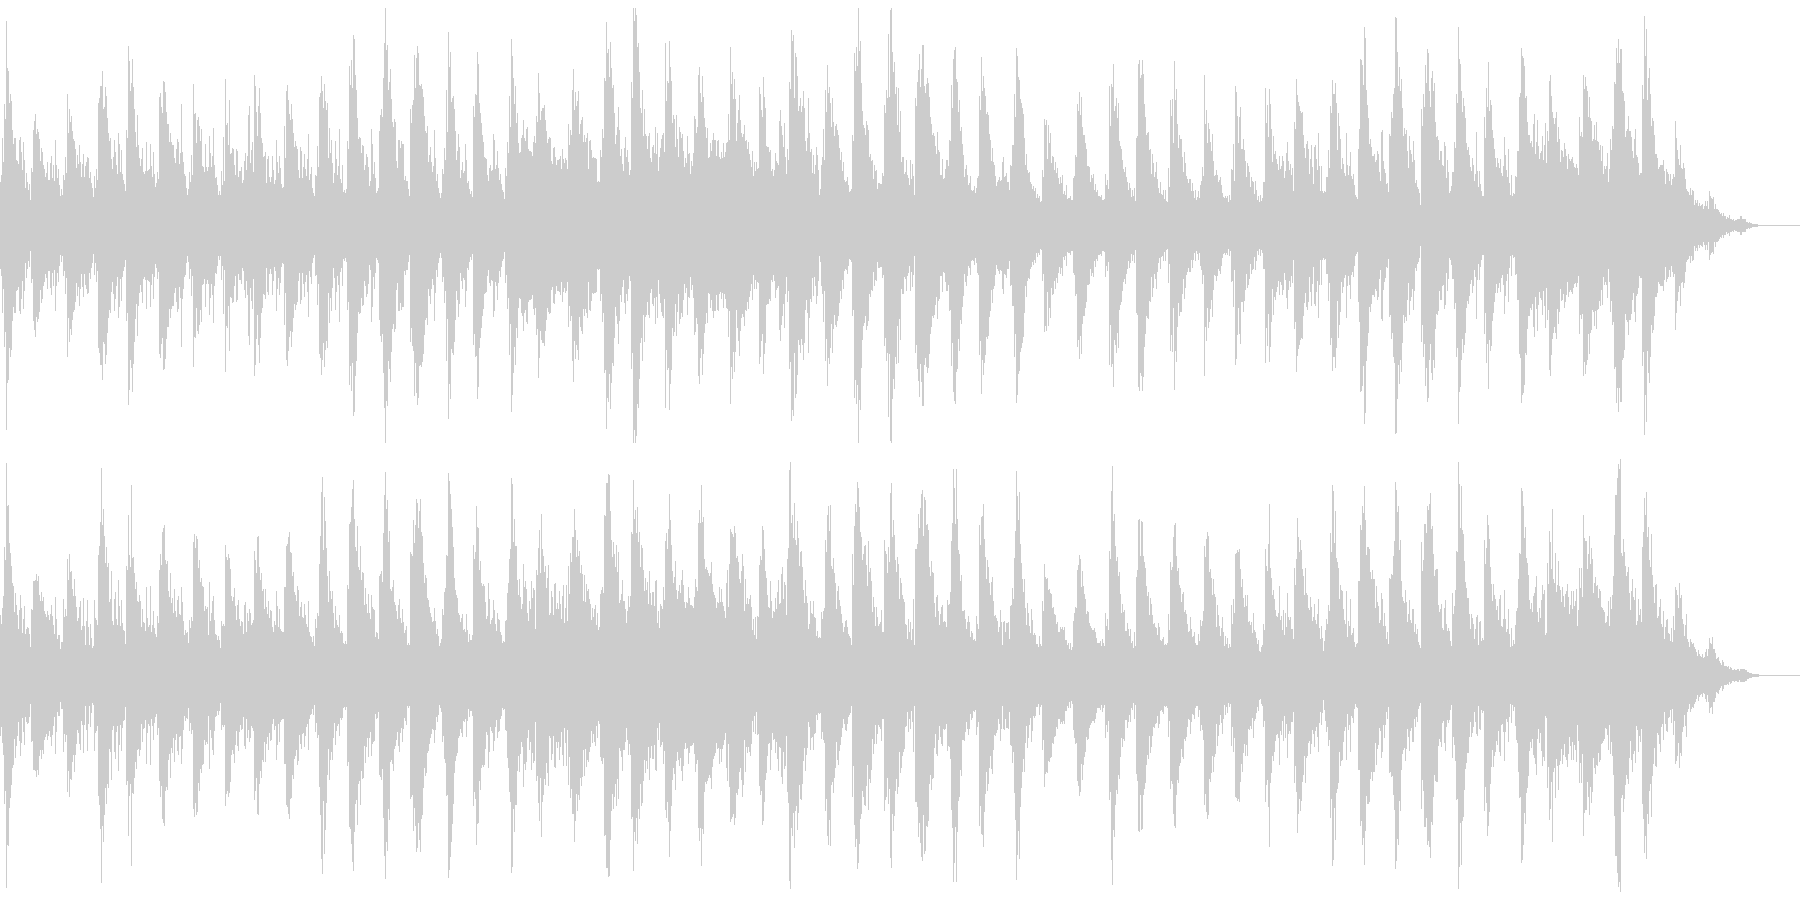 瞑想やヨガ、睡眠誘導のための音楽 03の未再生の波形